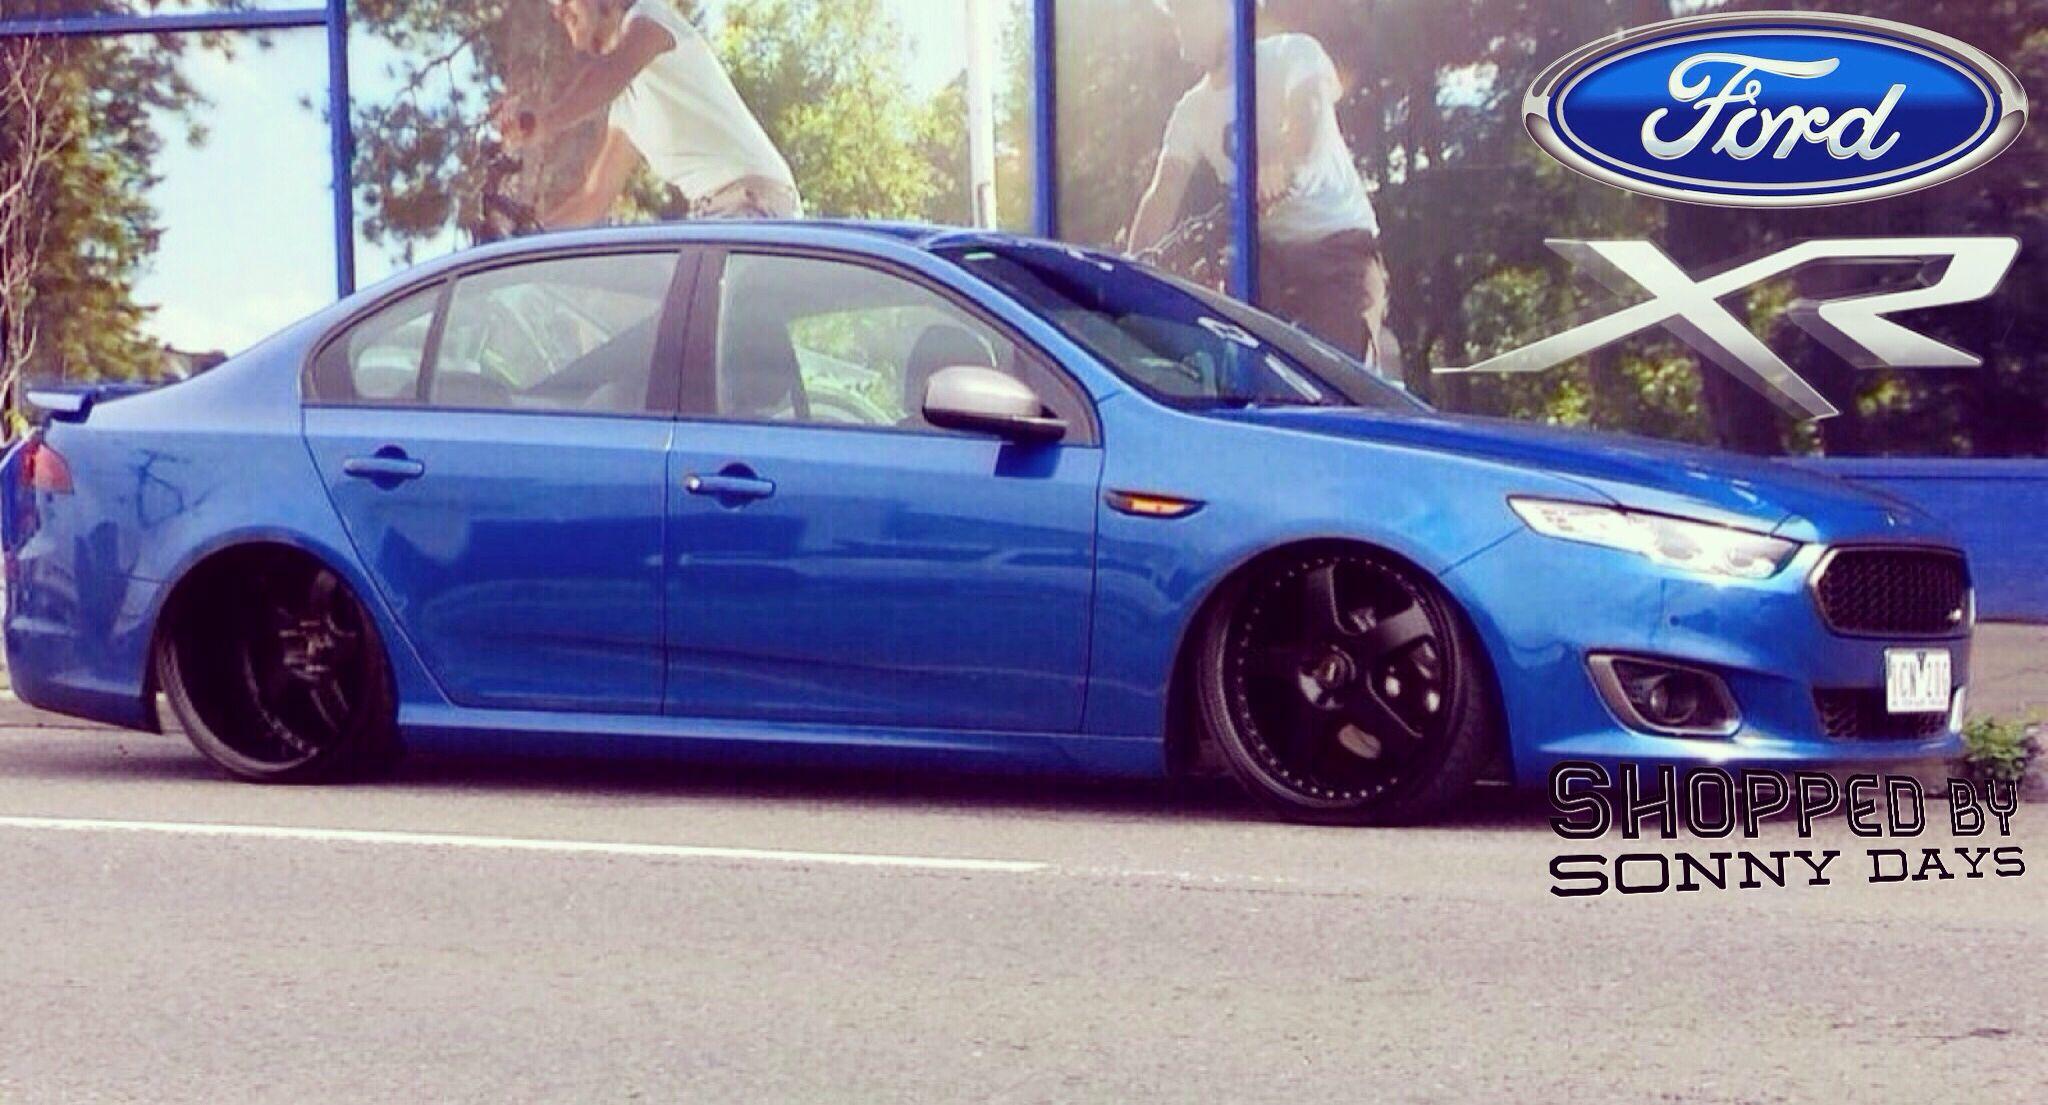 Ford Falcon Fgx Xr6 Xr6t Xr8 Australian Cars Aussie Muscle Cars